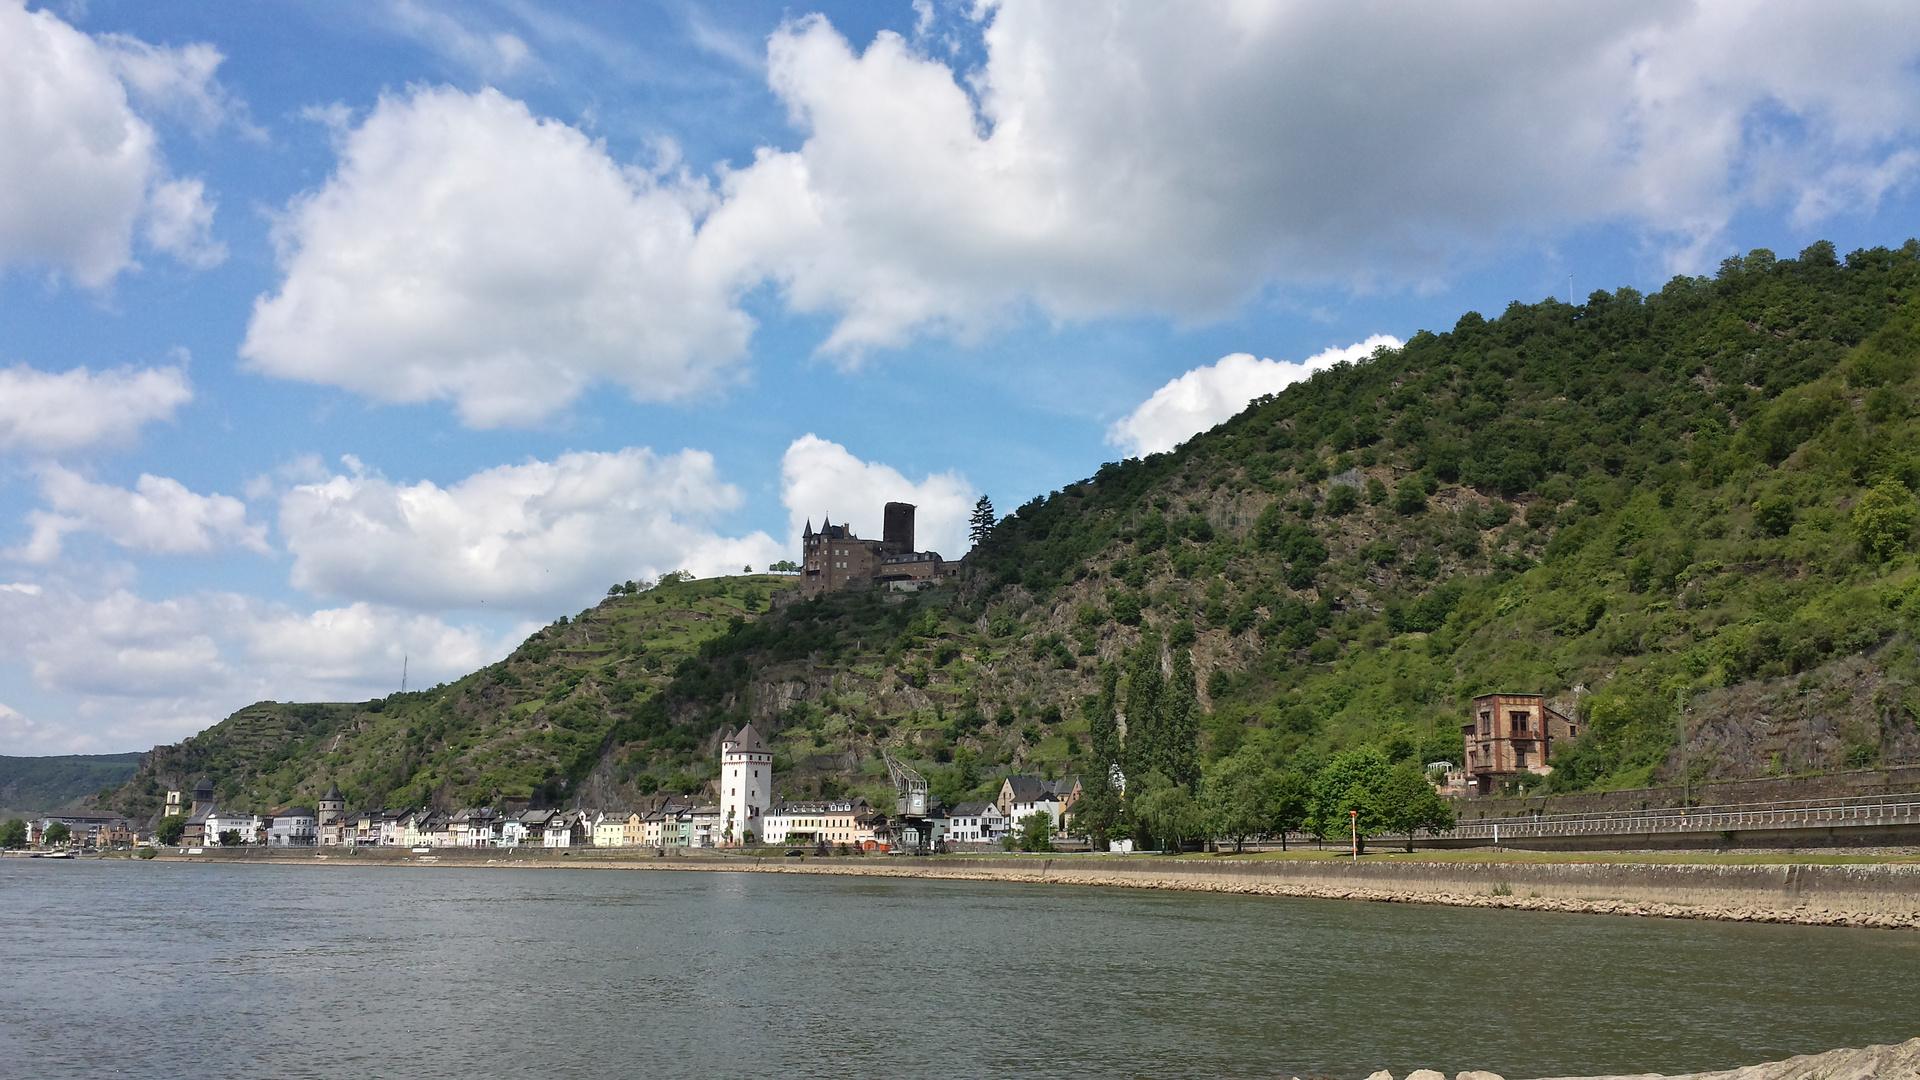 Am Rhein entlang Richtung Koblenz